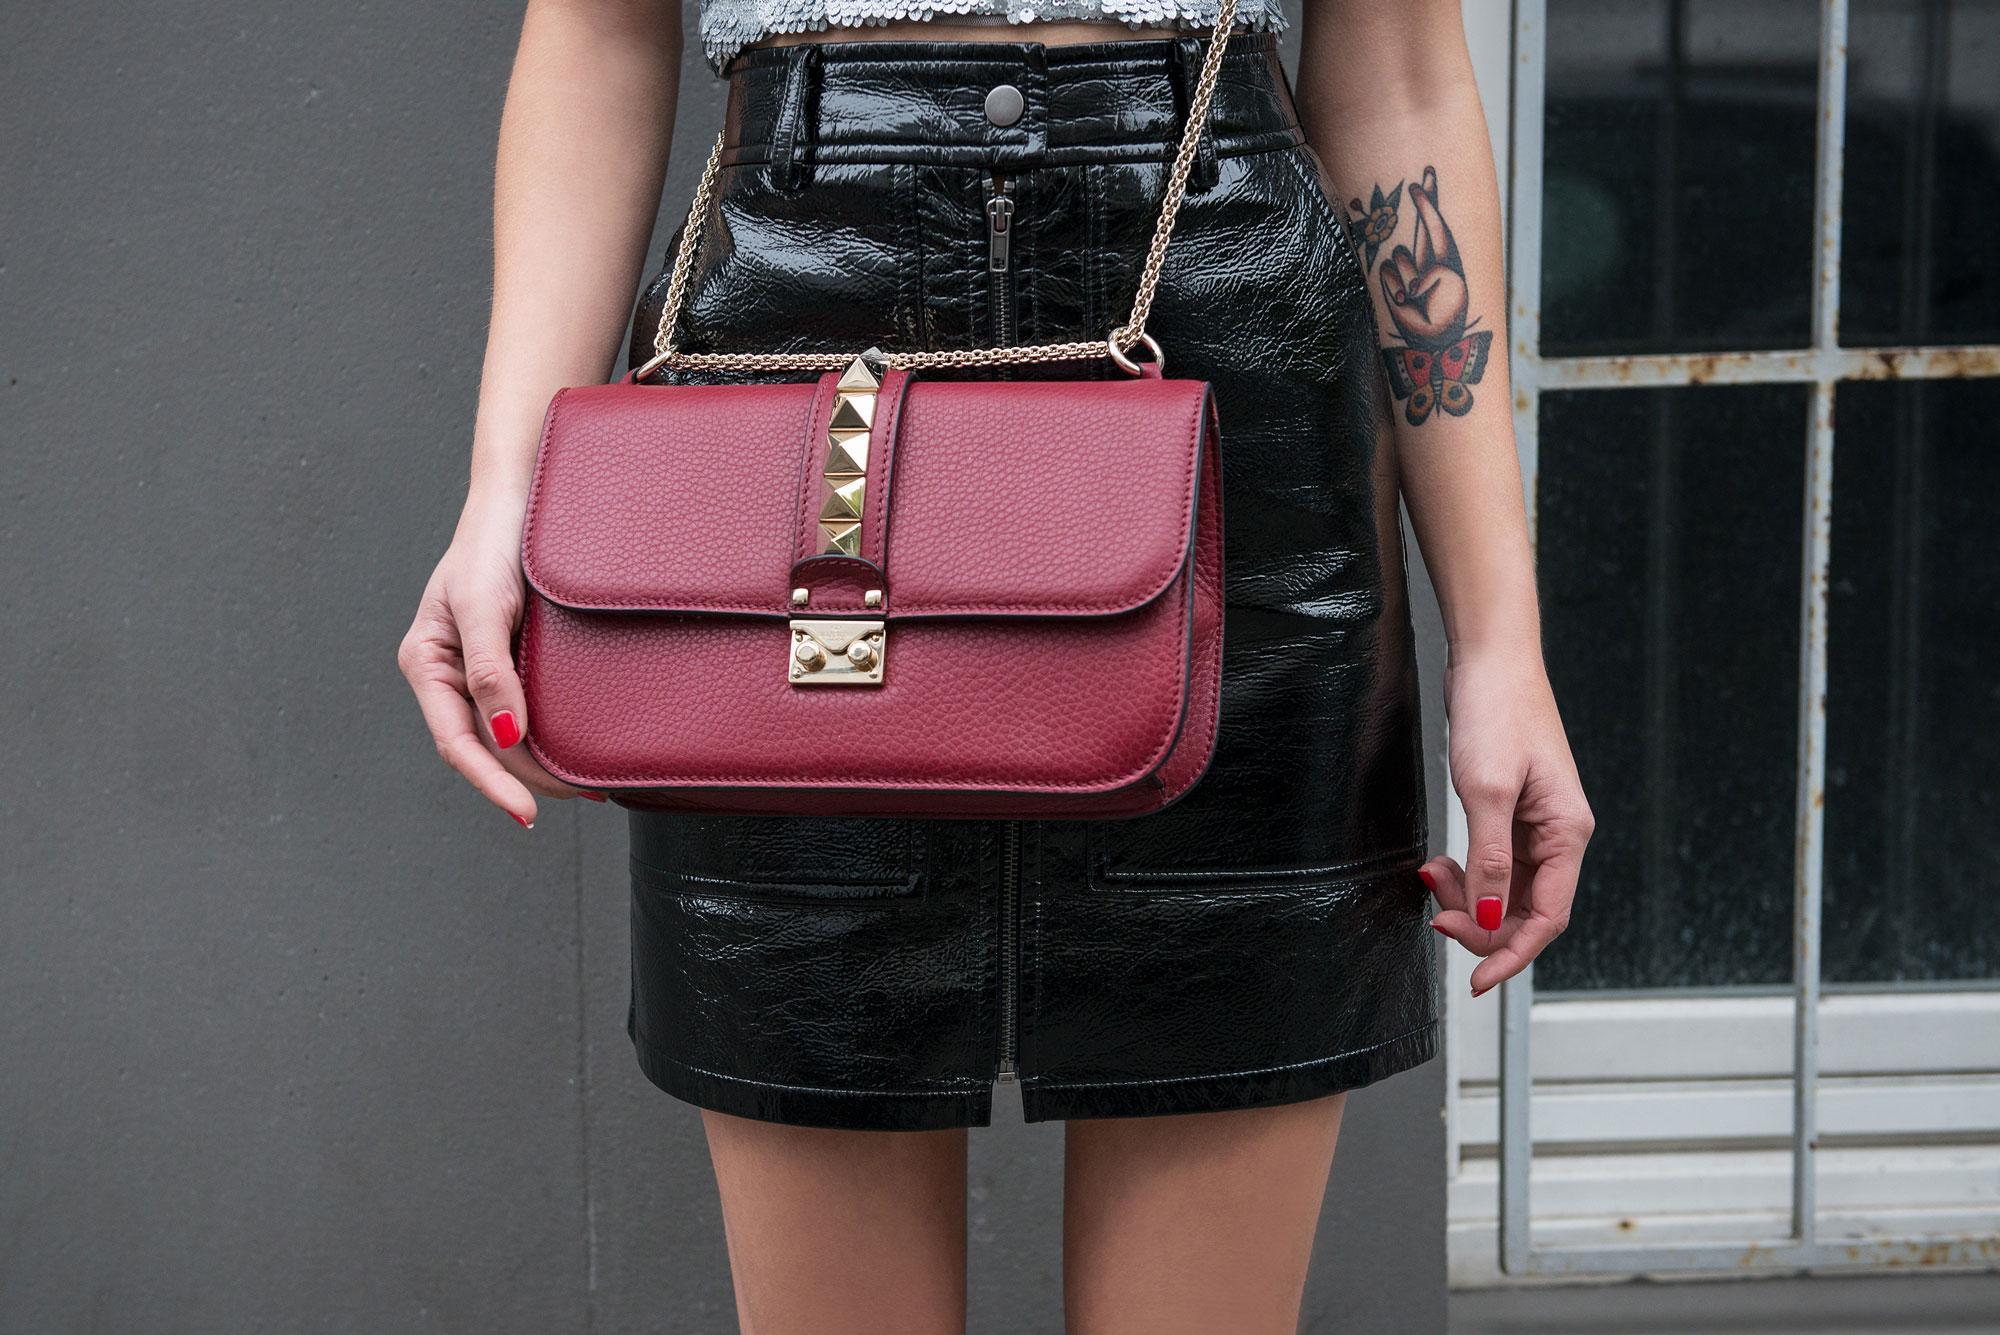 Gewinne eine Designertasche mit Fashionette | Werbung |How I met my outfit by Dana Lohmüller